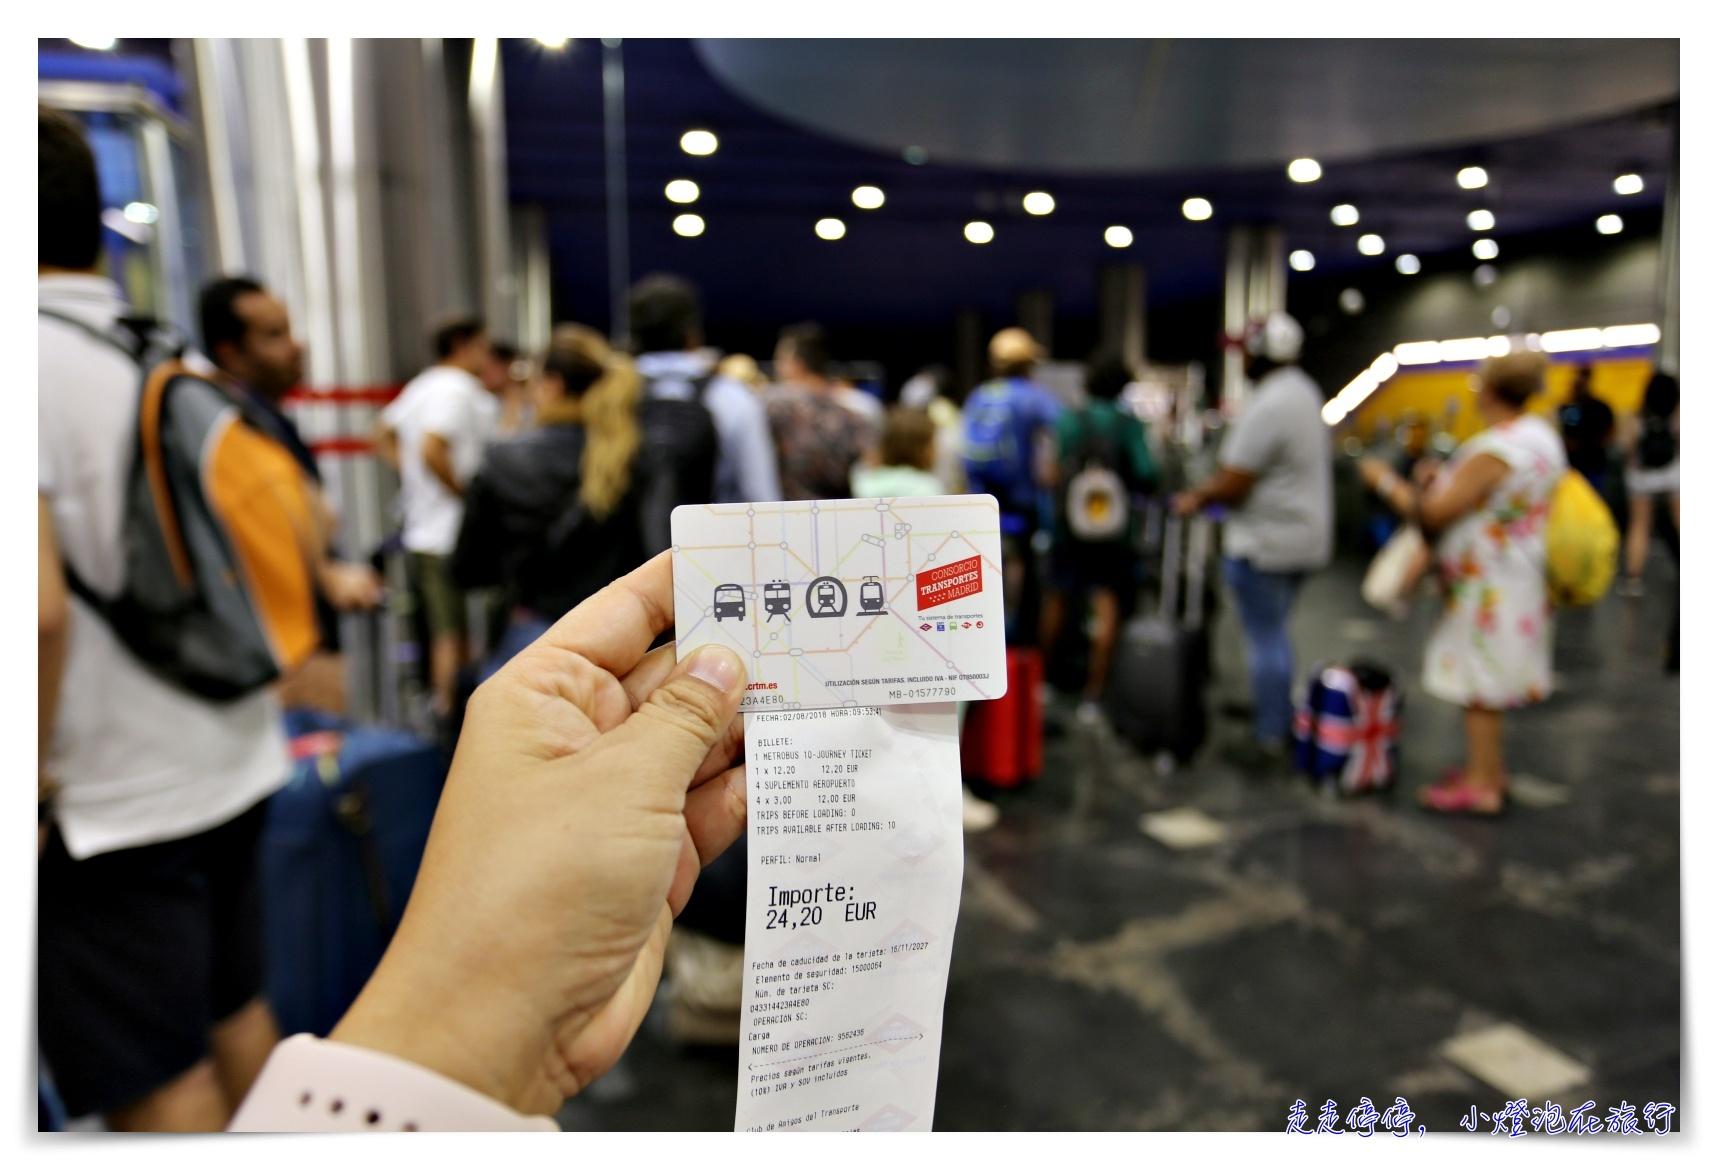 2018西班牙馬德里自由行交通|馬德里地鐵怎麼搭?機場到市區、T10購票、搭車方式、推薦APP、付款及使用等注意事項說明~